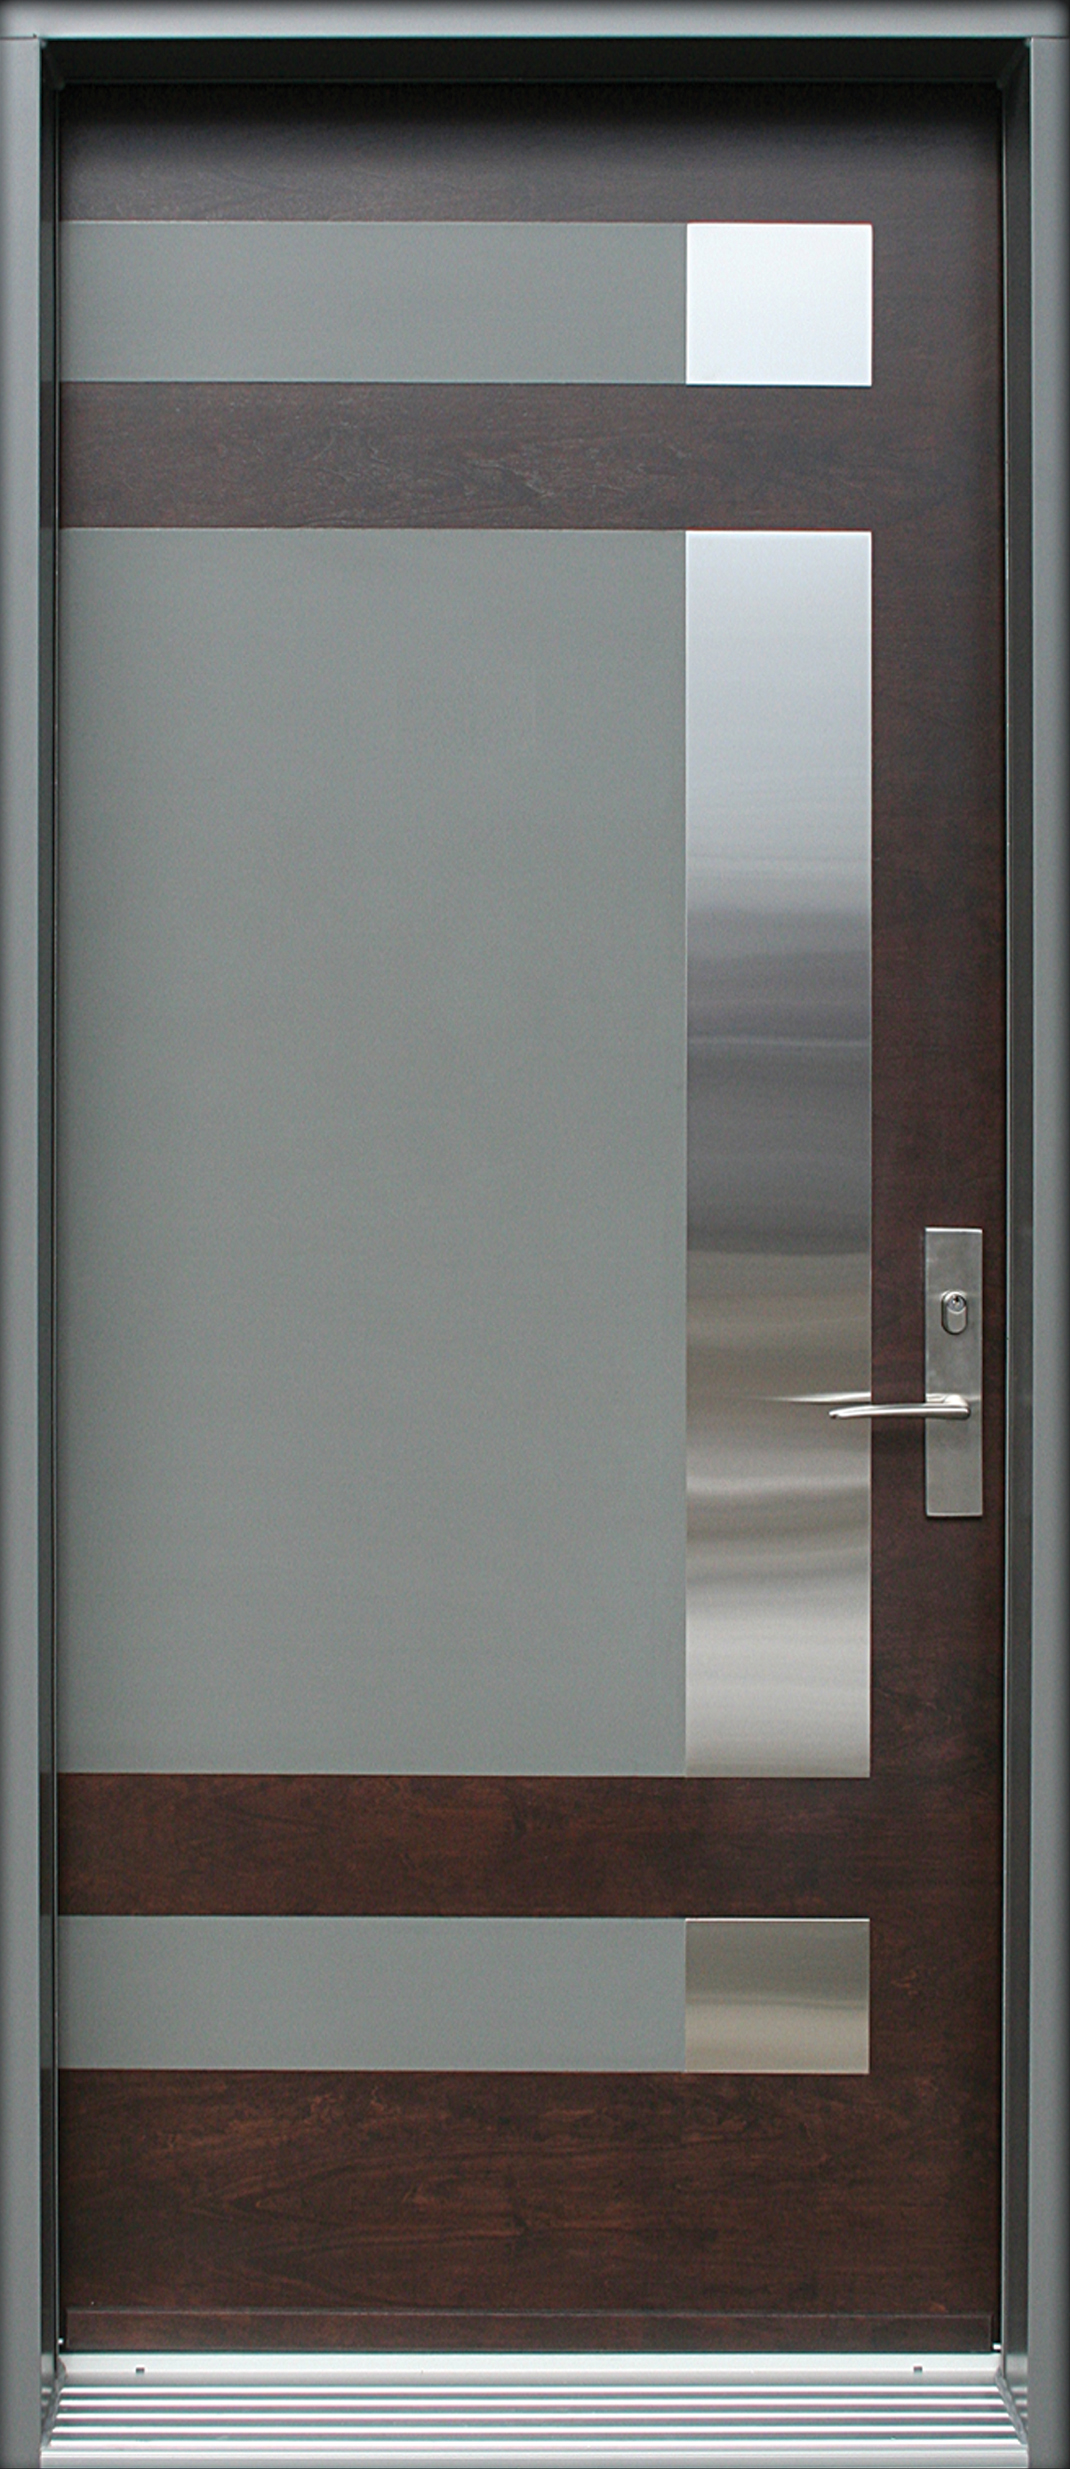 Mod le de porte contemporaine epsilon1 portatec - Revetement porte d entree ...